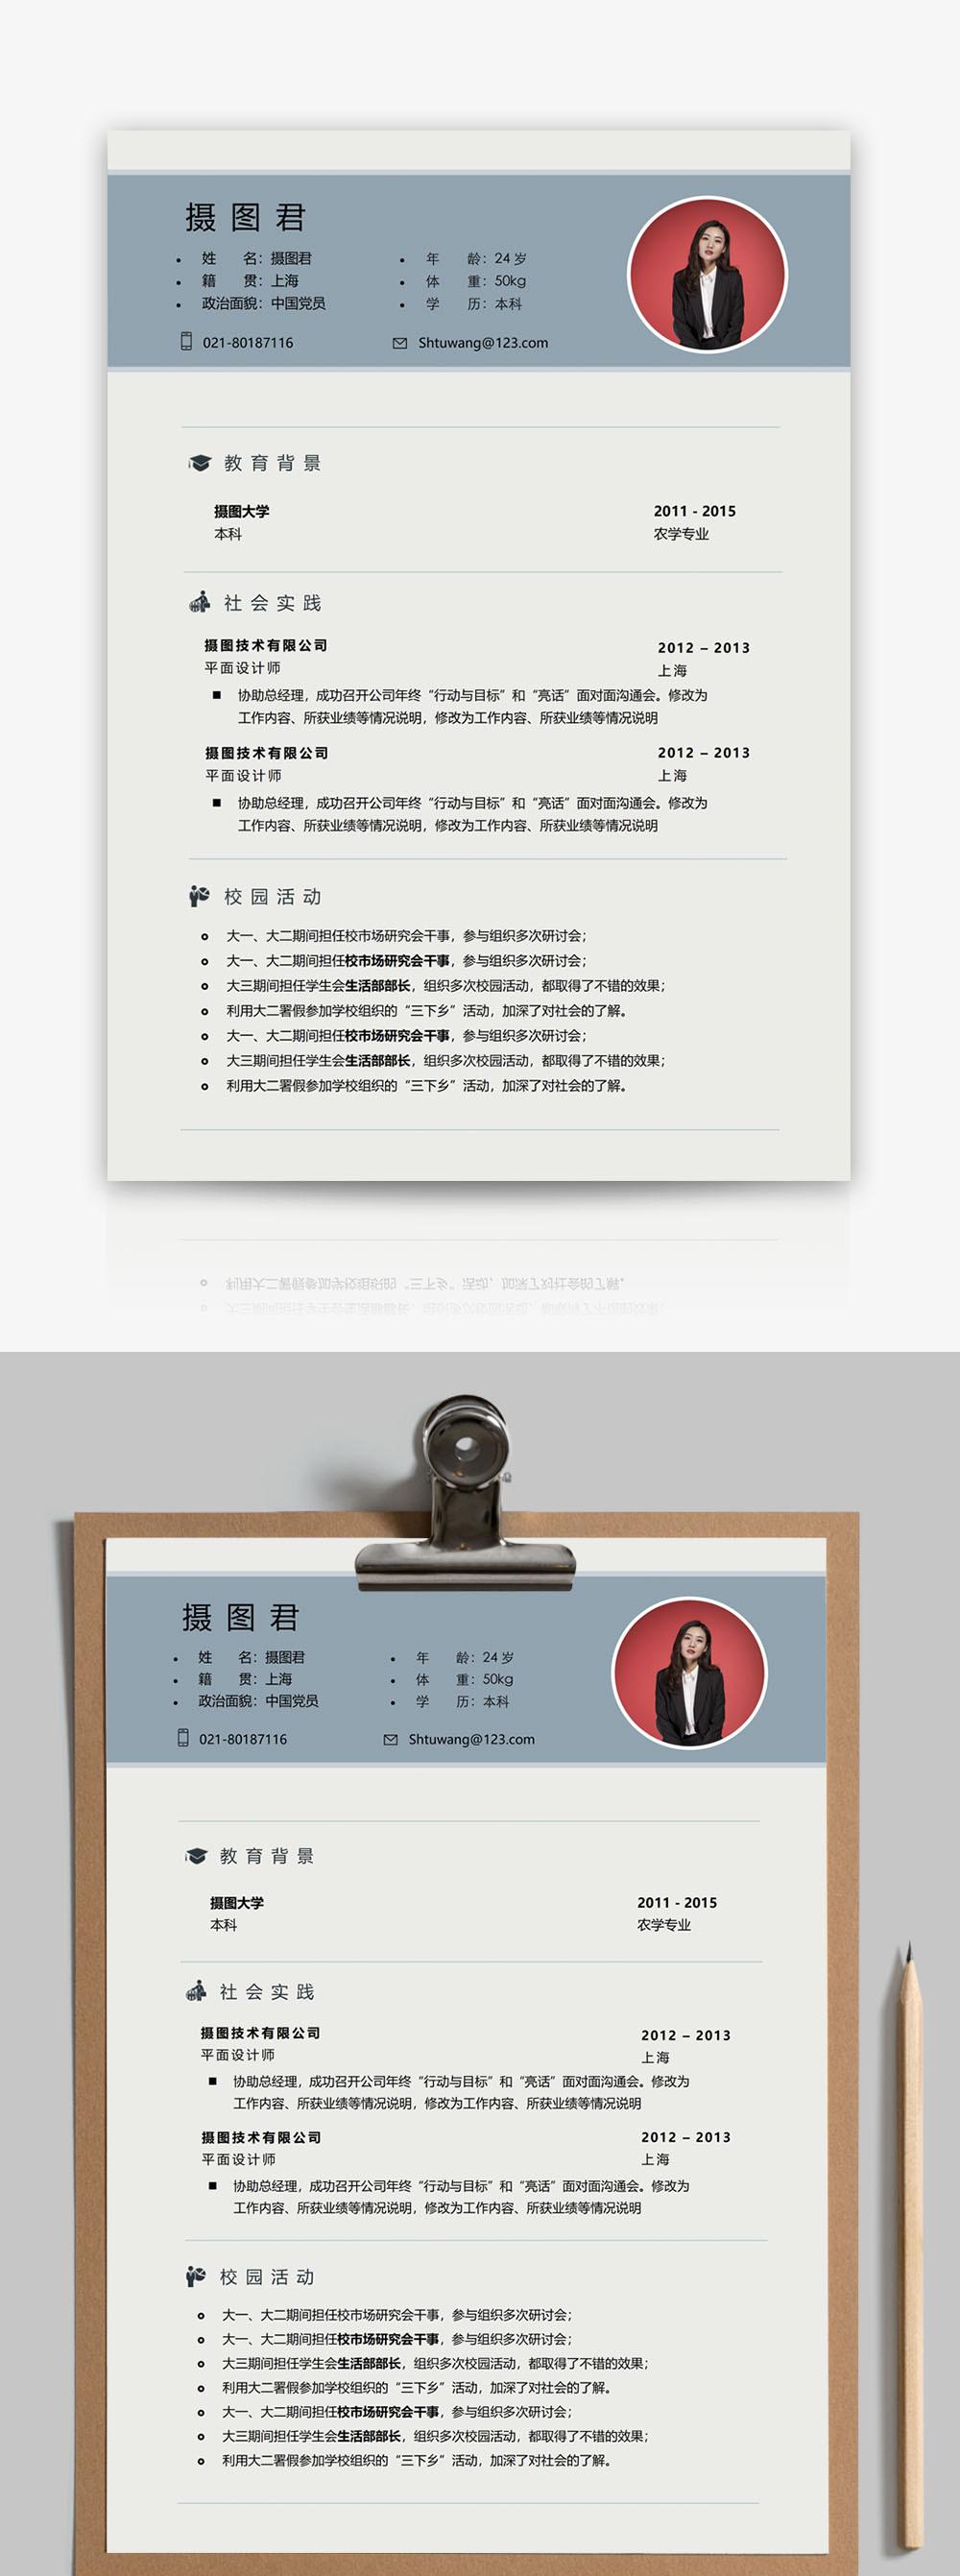 平面设计师个人简历word模板图片